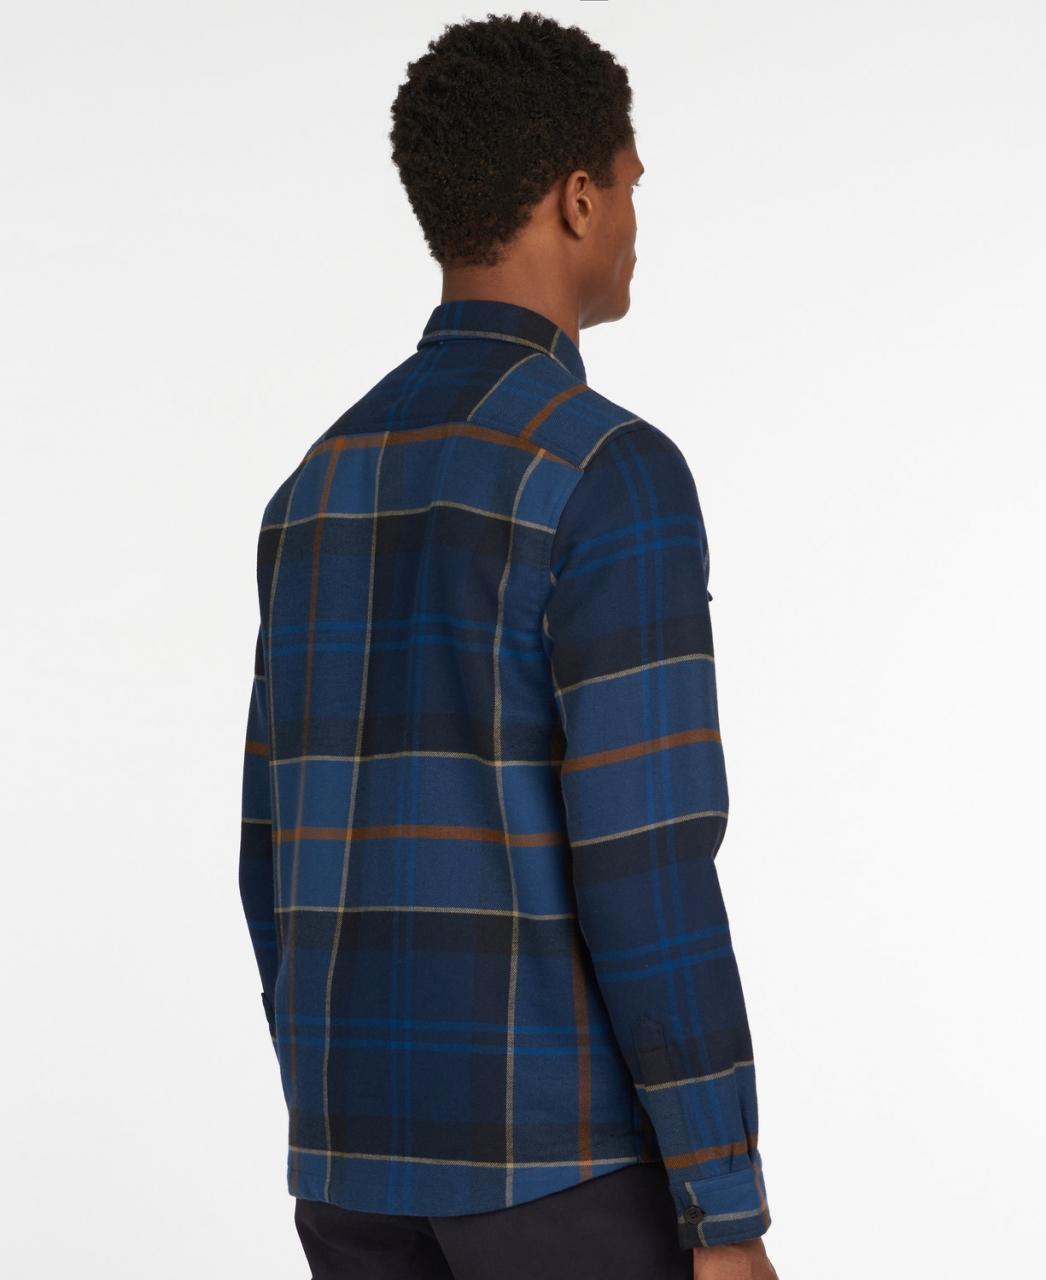 Barbour Cannich Overshirt - midnight tartan